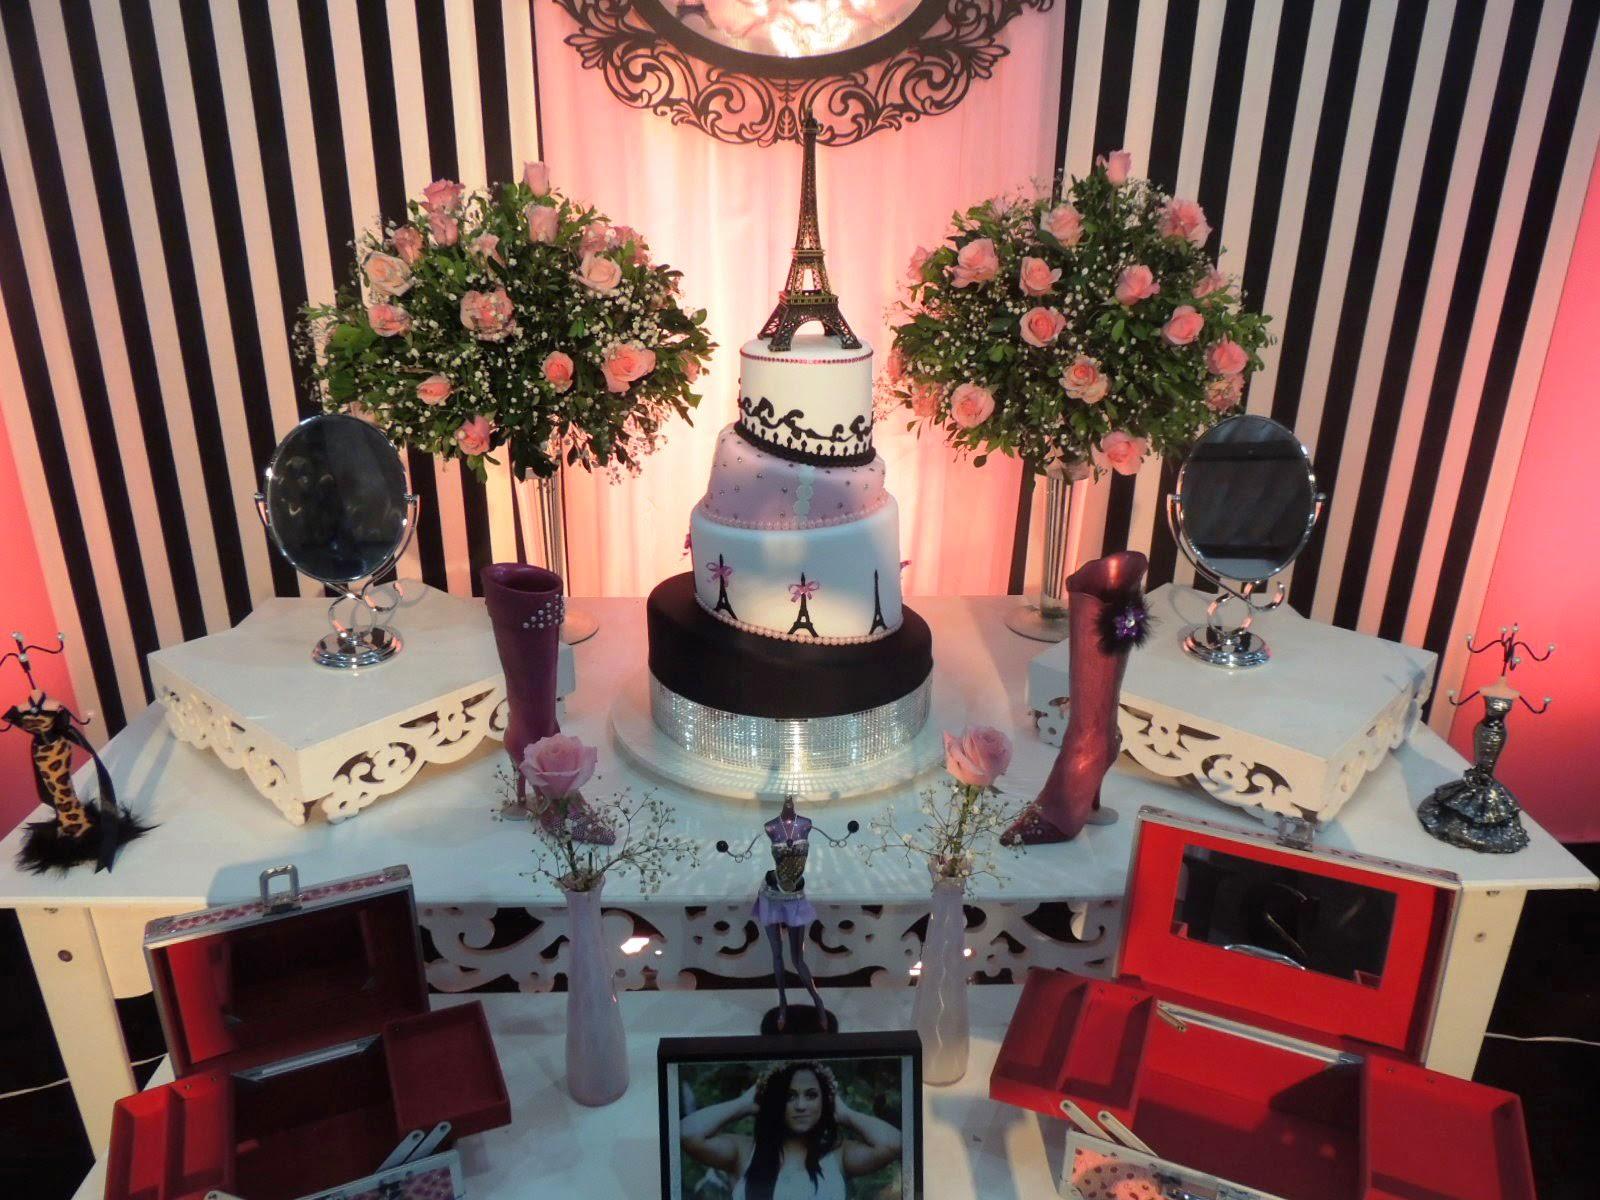 Excepcional Buffet Real - Arraial do Cabo: Festa Paris (Salão pequeno) GX26